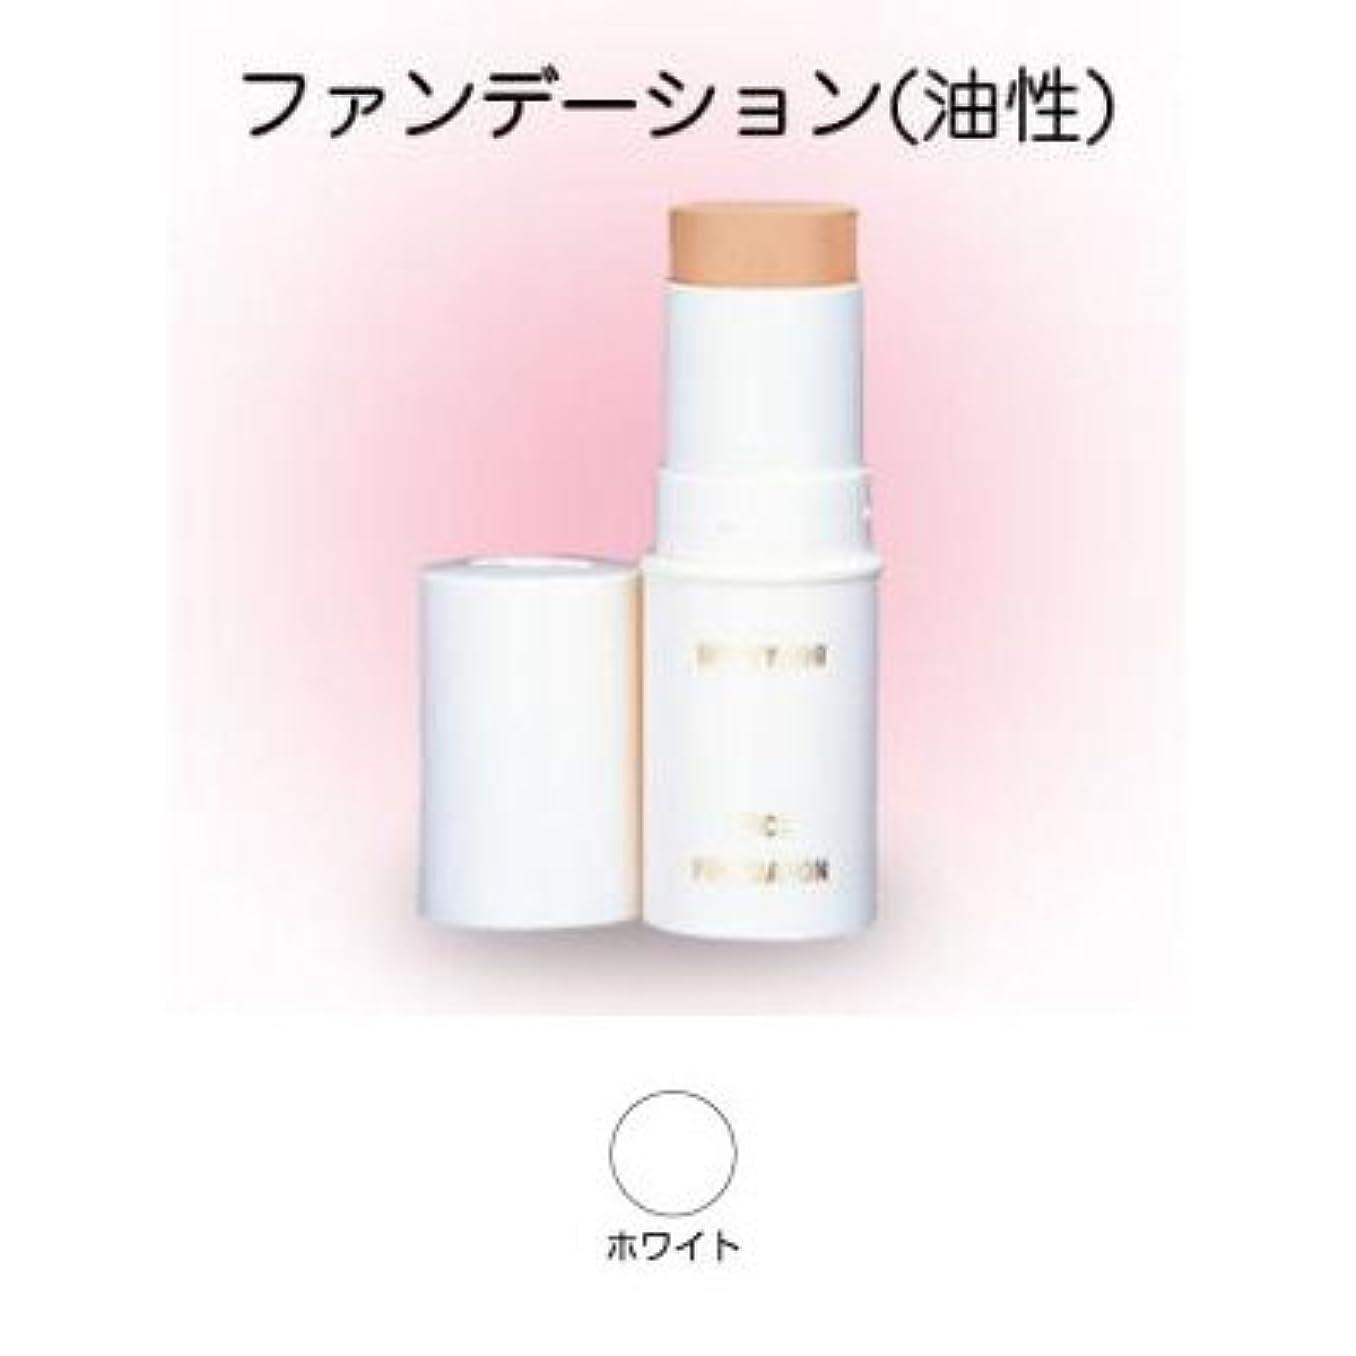 持ってる角度ナラーバースティックファンデーション 16g ホワイト 【三善】